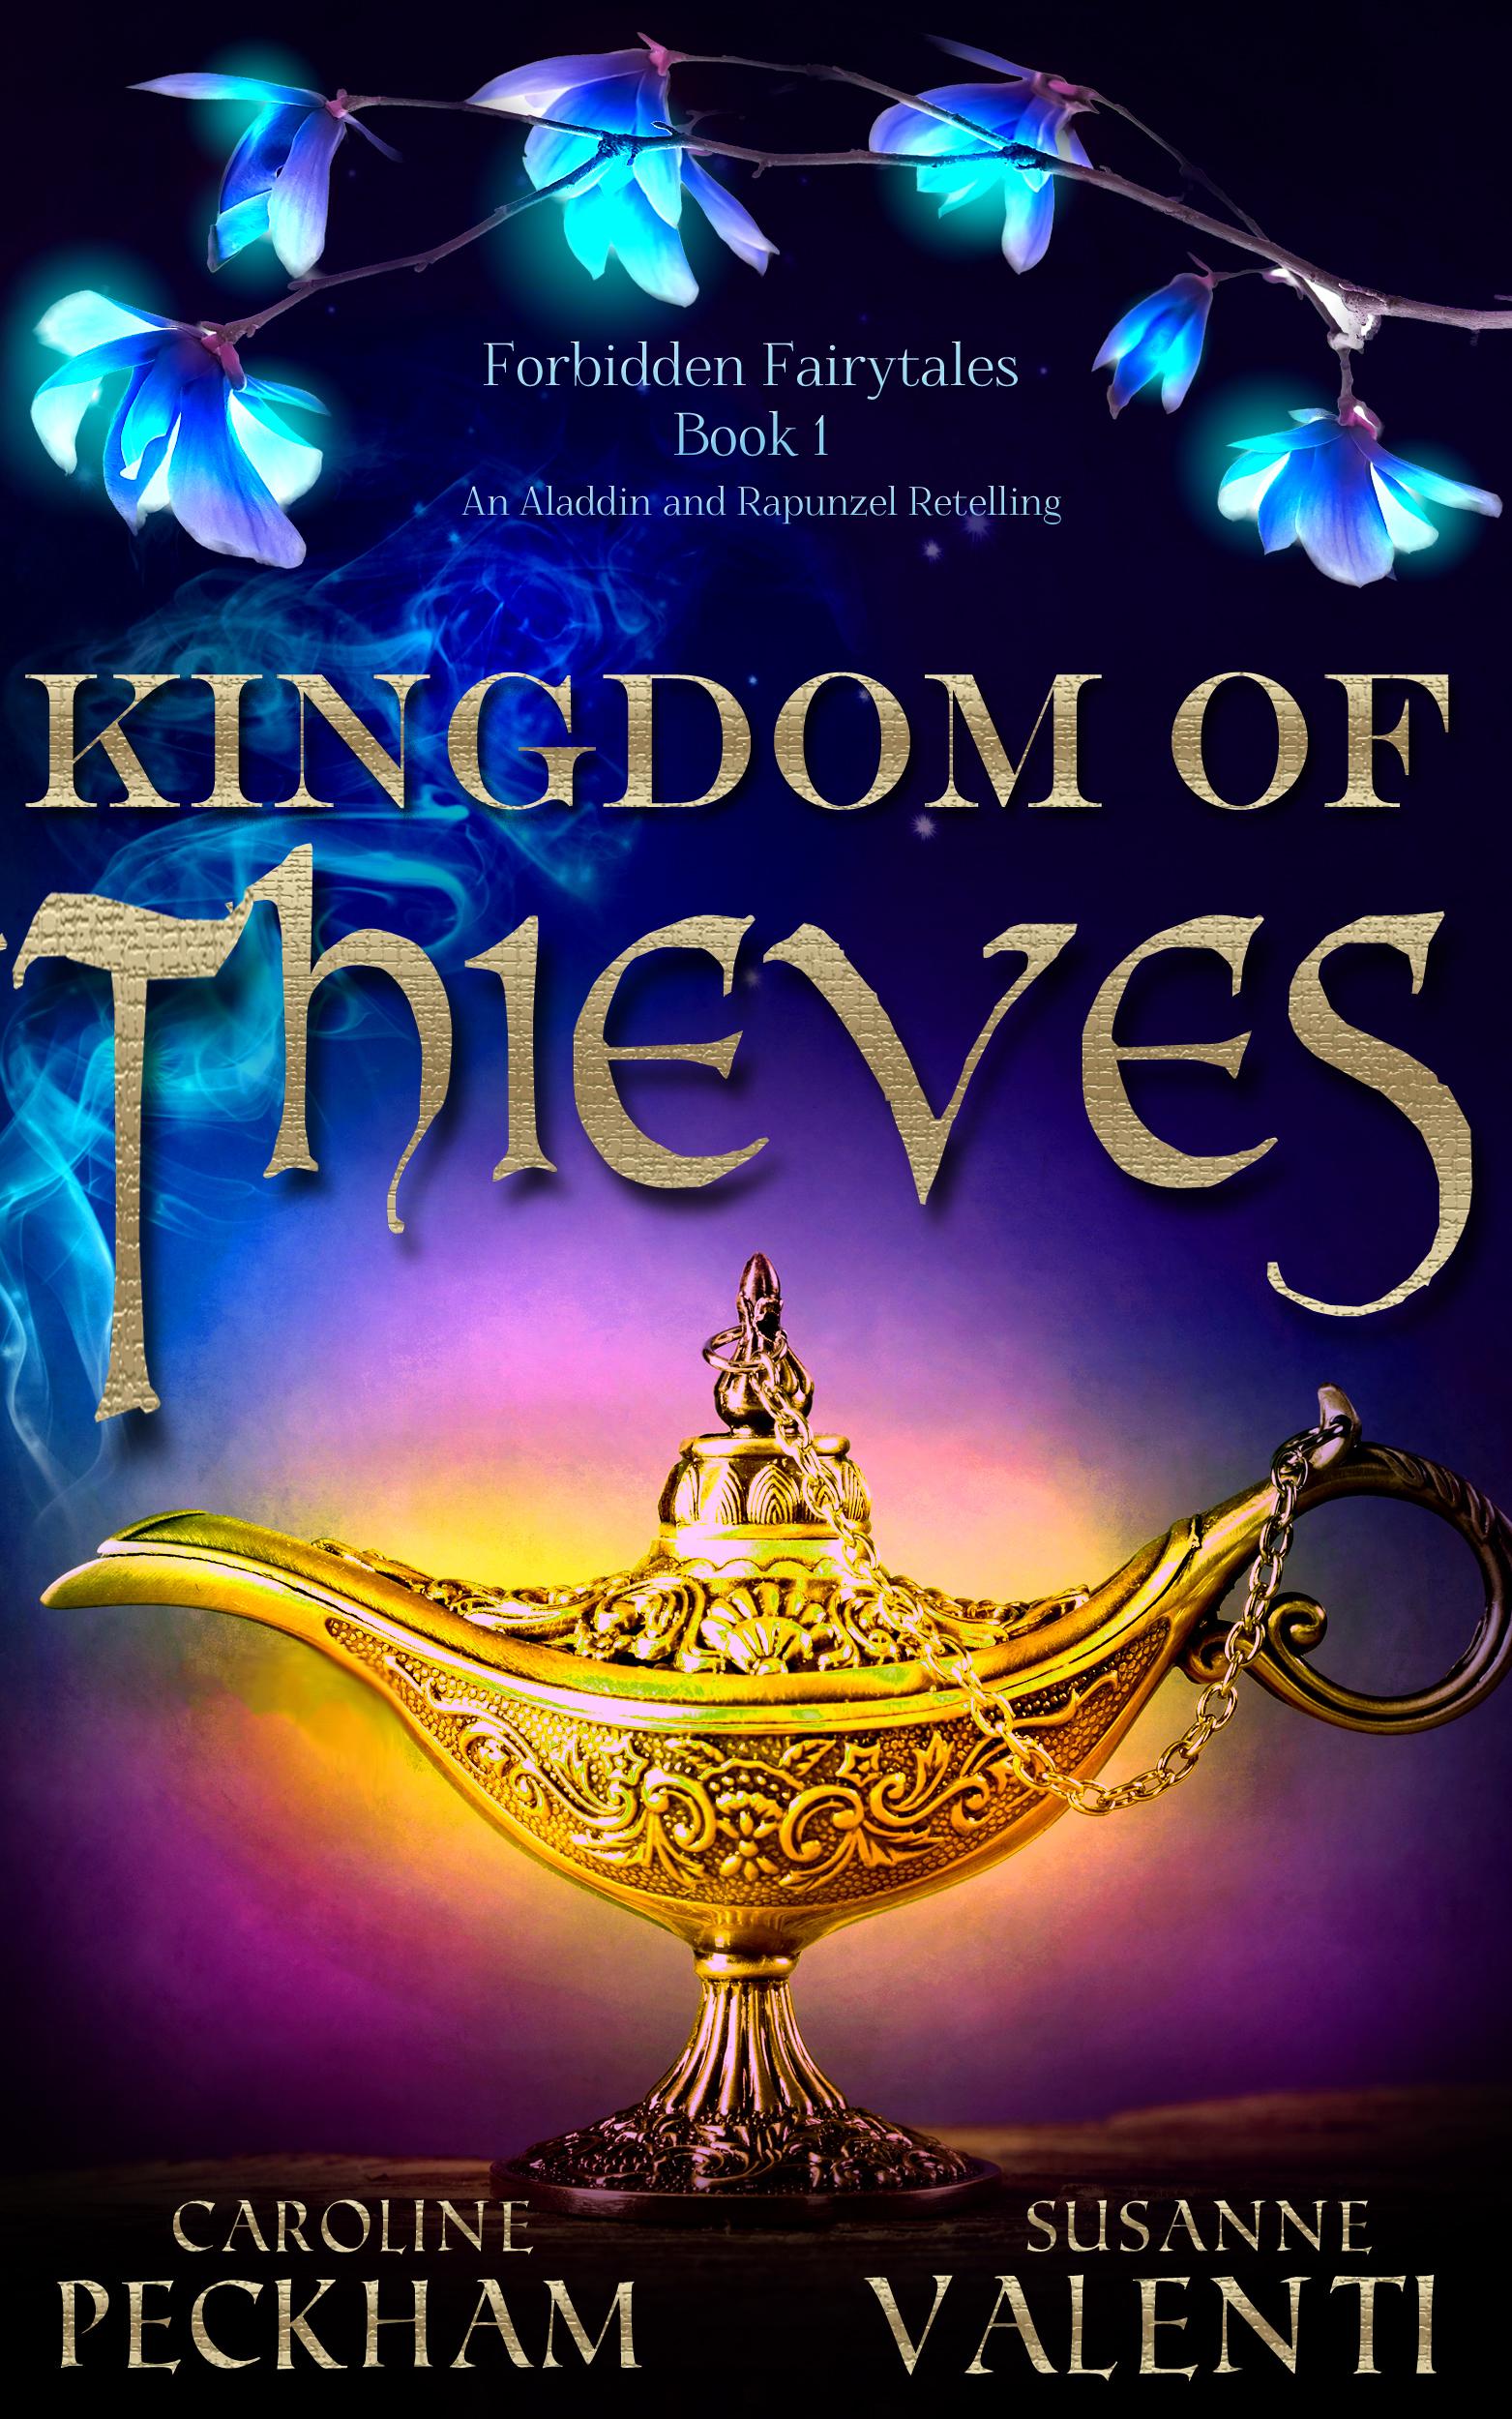 Kingdom of Thieves